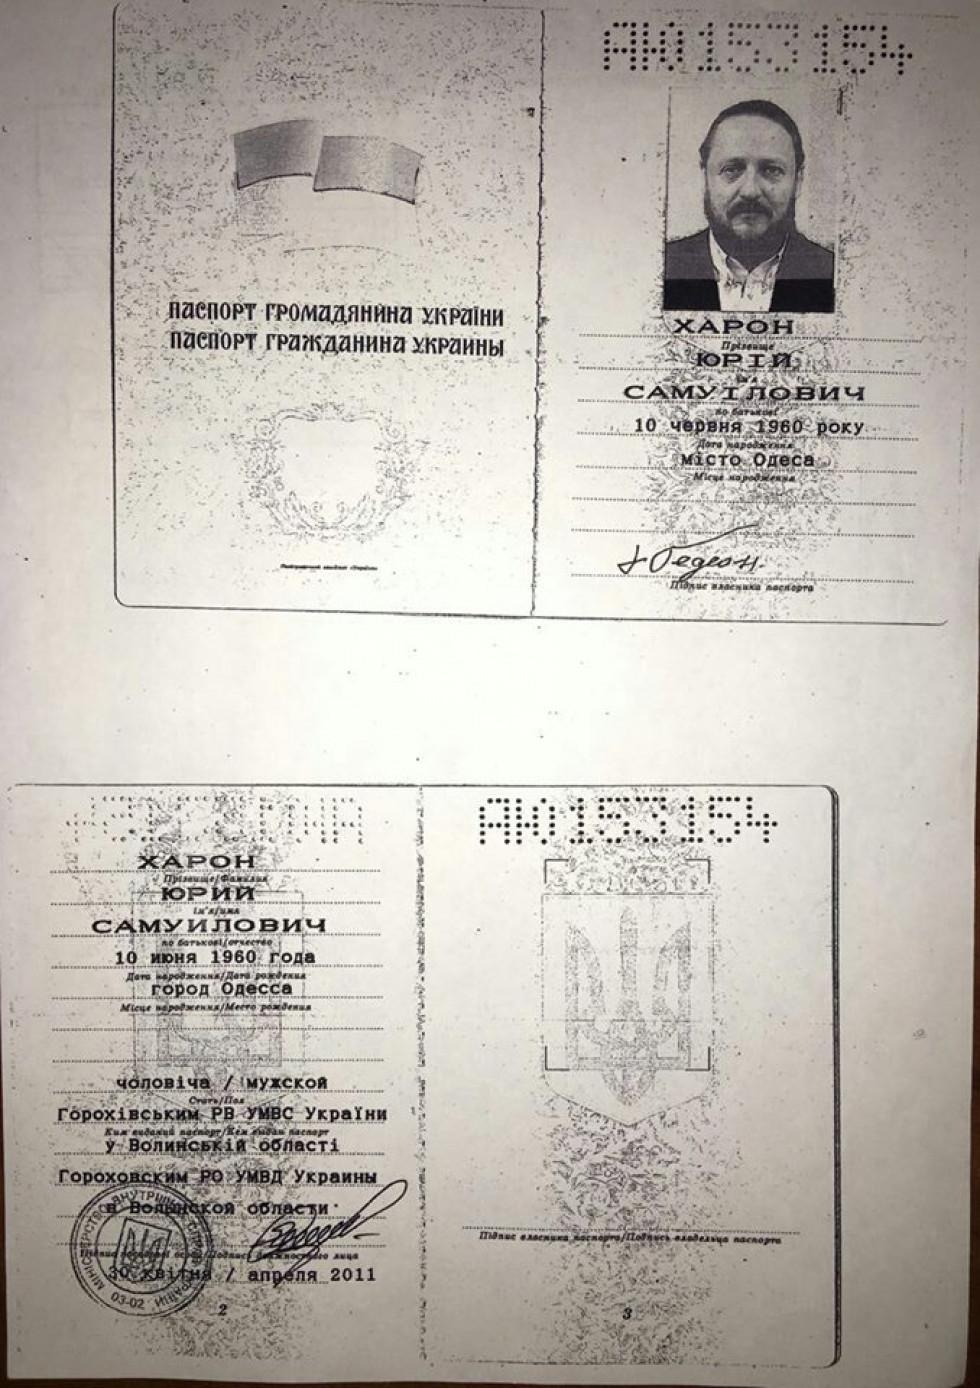 Фотокопію паспорт опублікував народний депутат Ігор Луценко